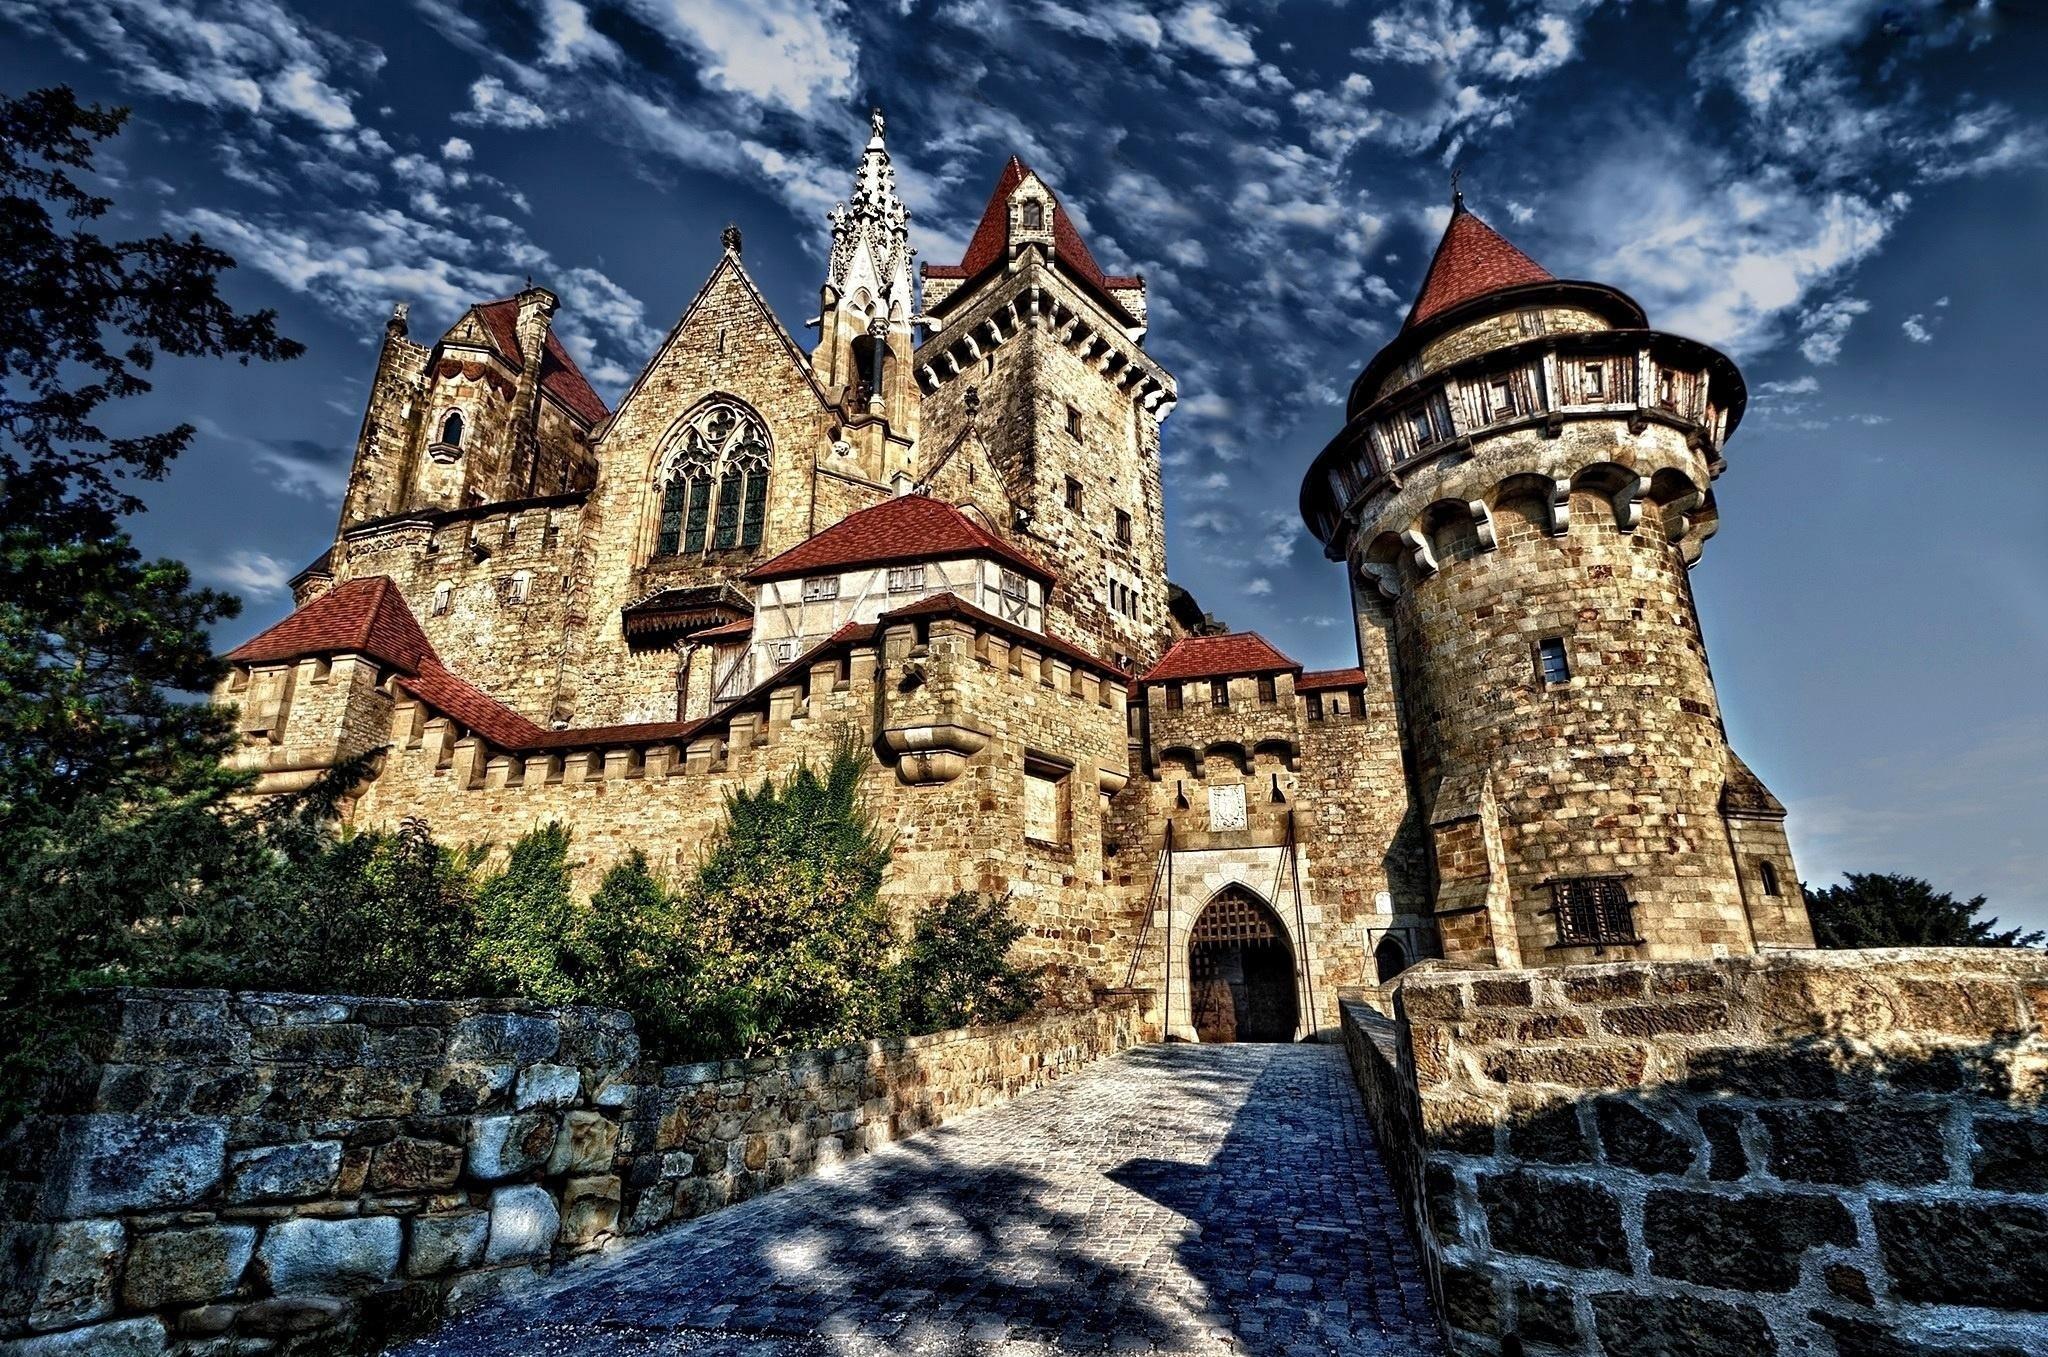 Средневековые замки европы картинки